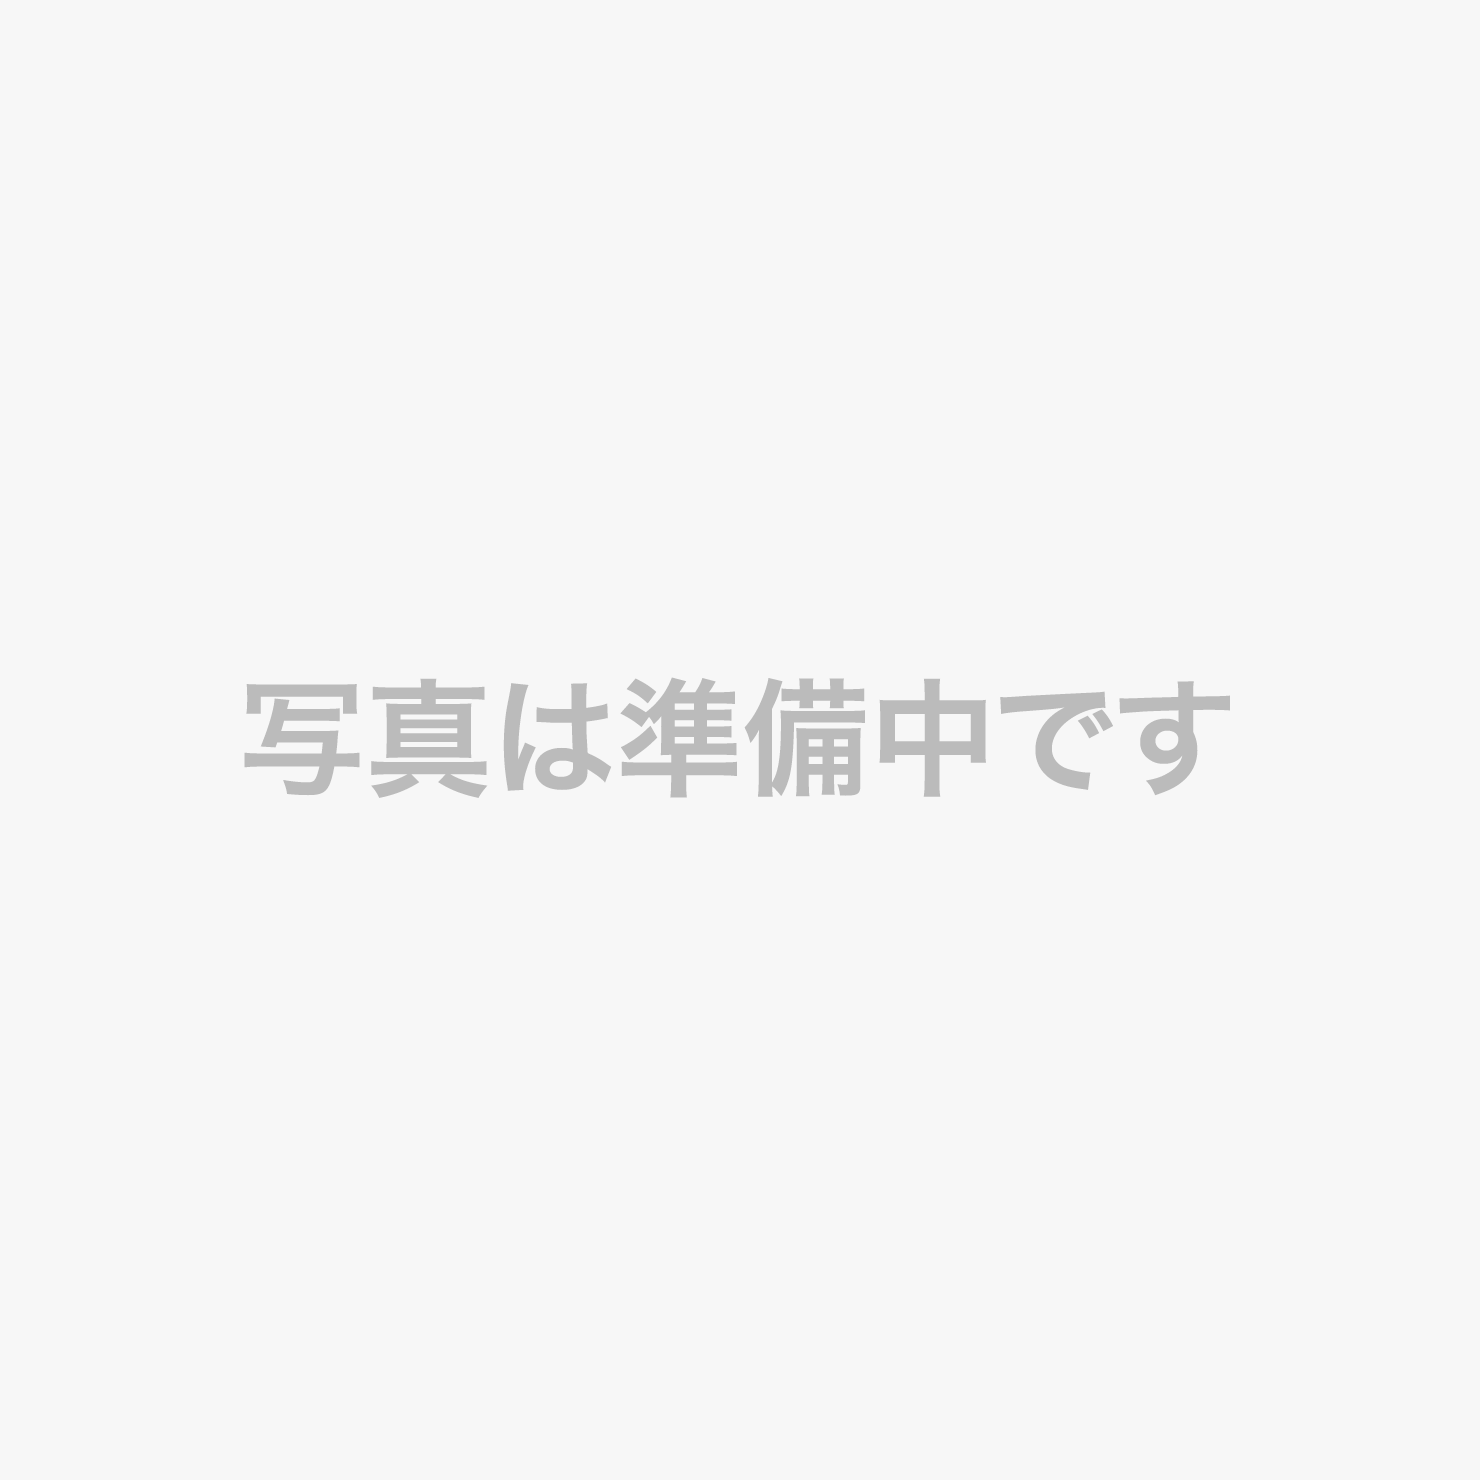 ツイン◇デザイナーズタイプ【禁煙】